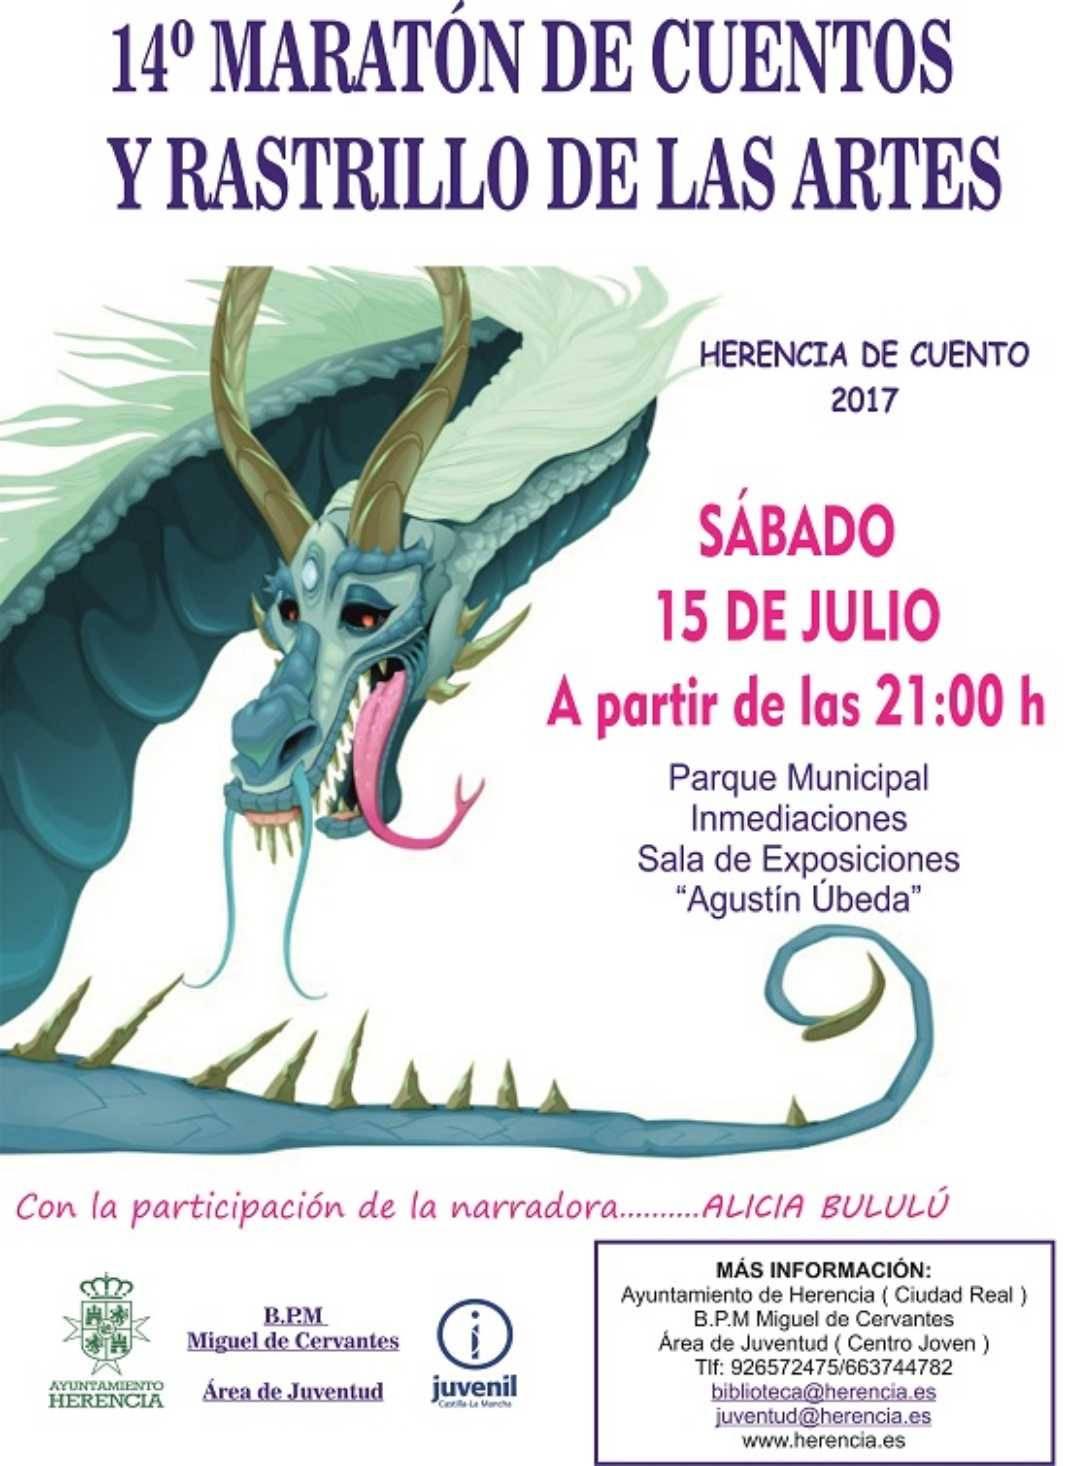 Cartel maratón 2017 1068x1466 - 14º Maratón de cuentos y Rastrillo de las Artes